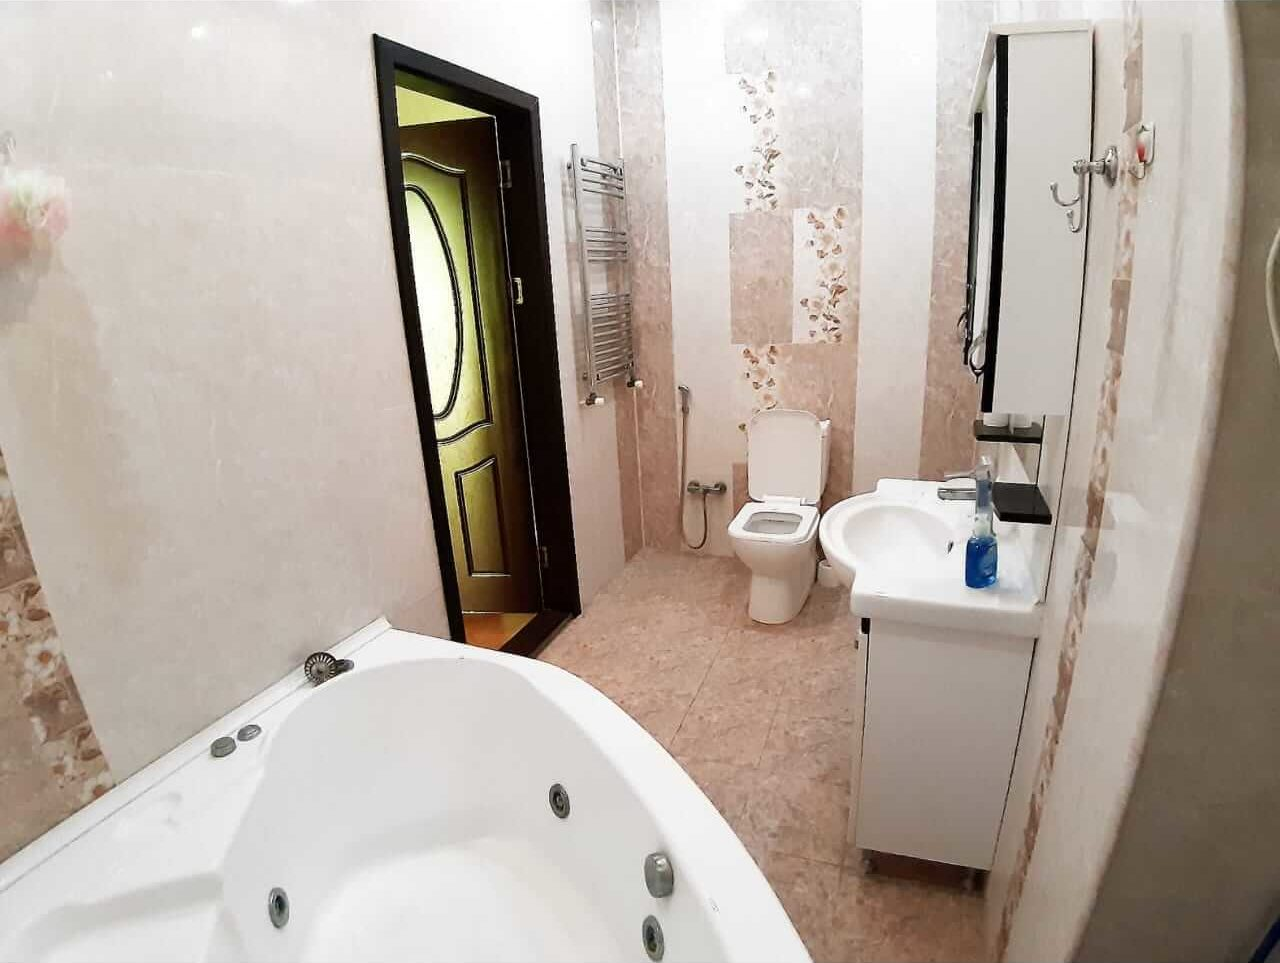 حمام و سرویس بهداشتی آپارتمان شماره 2